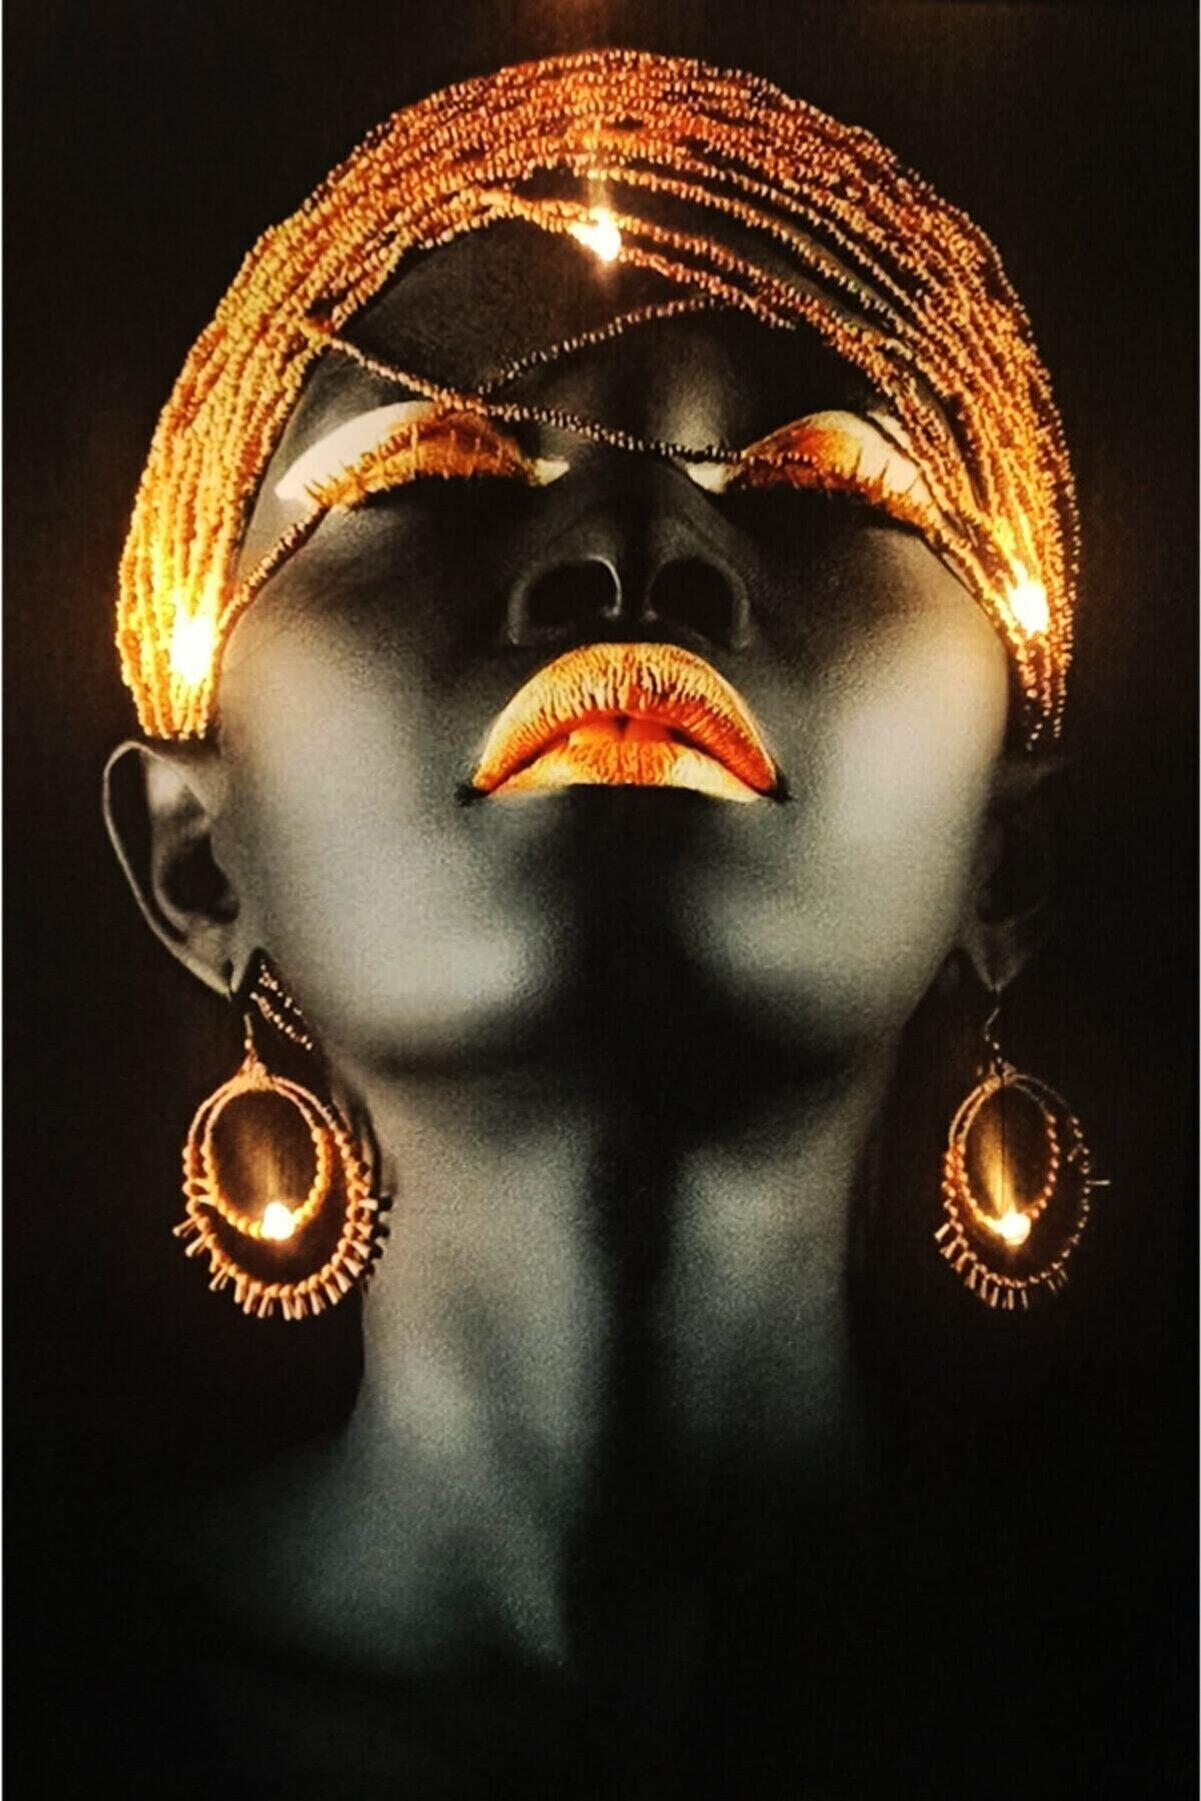 Haki Alışveriş Dünyası Kanvas Tablo Afrikalı Kadın 45x65 Cm Led'li Işıklı Ledli Asma Aparatı Hediyeli